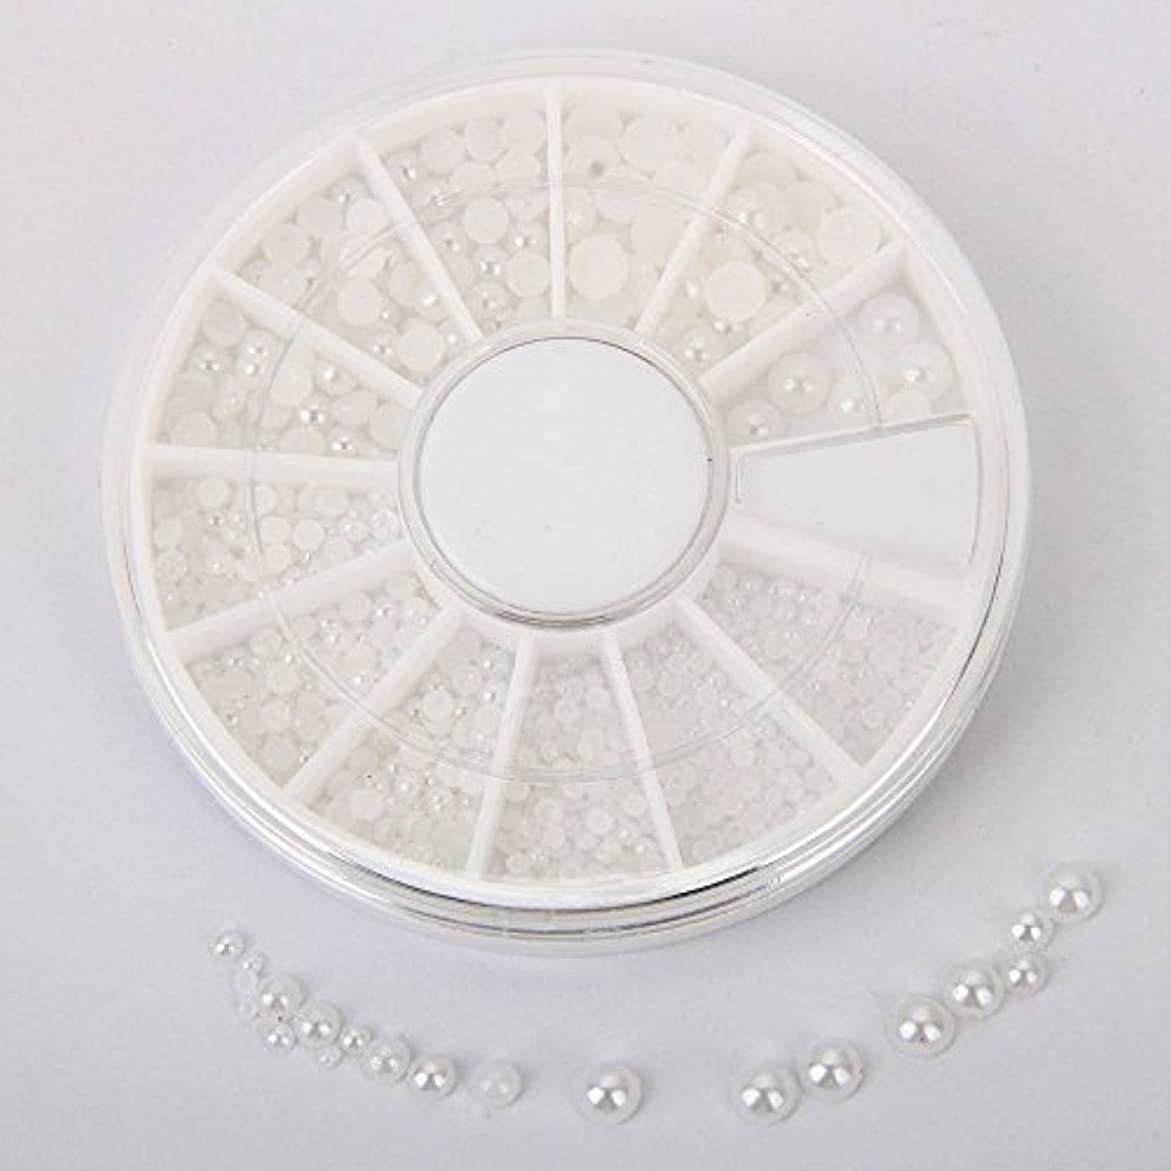 シンディー ネイルアートパーツ 半円パール(ホワイト) マニキュアデコ用パール 1.5mm,2mm,3mm,4mm ラウンドケース入 3Dデコレーション(01)